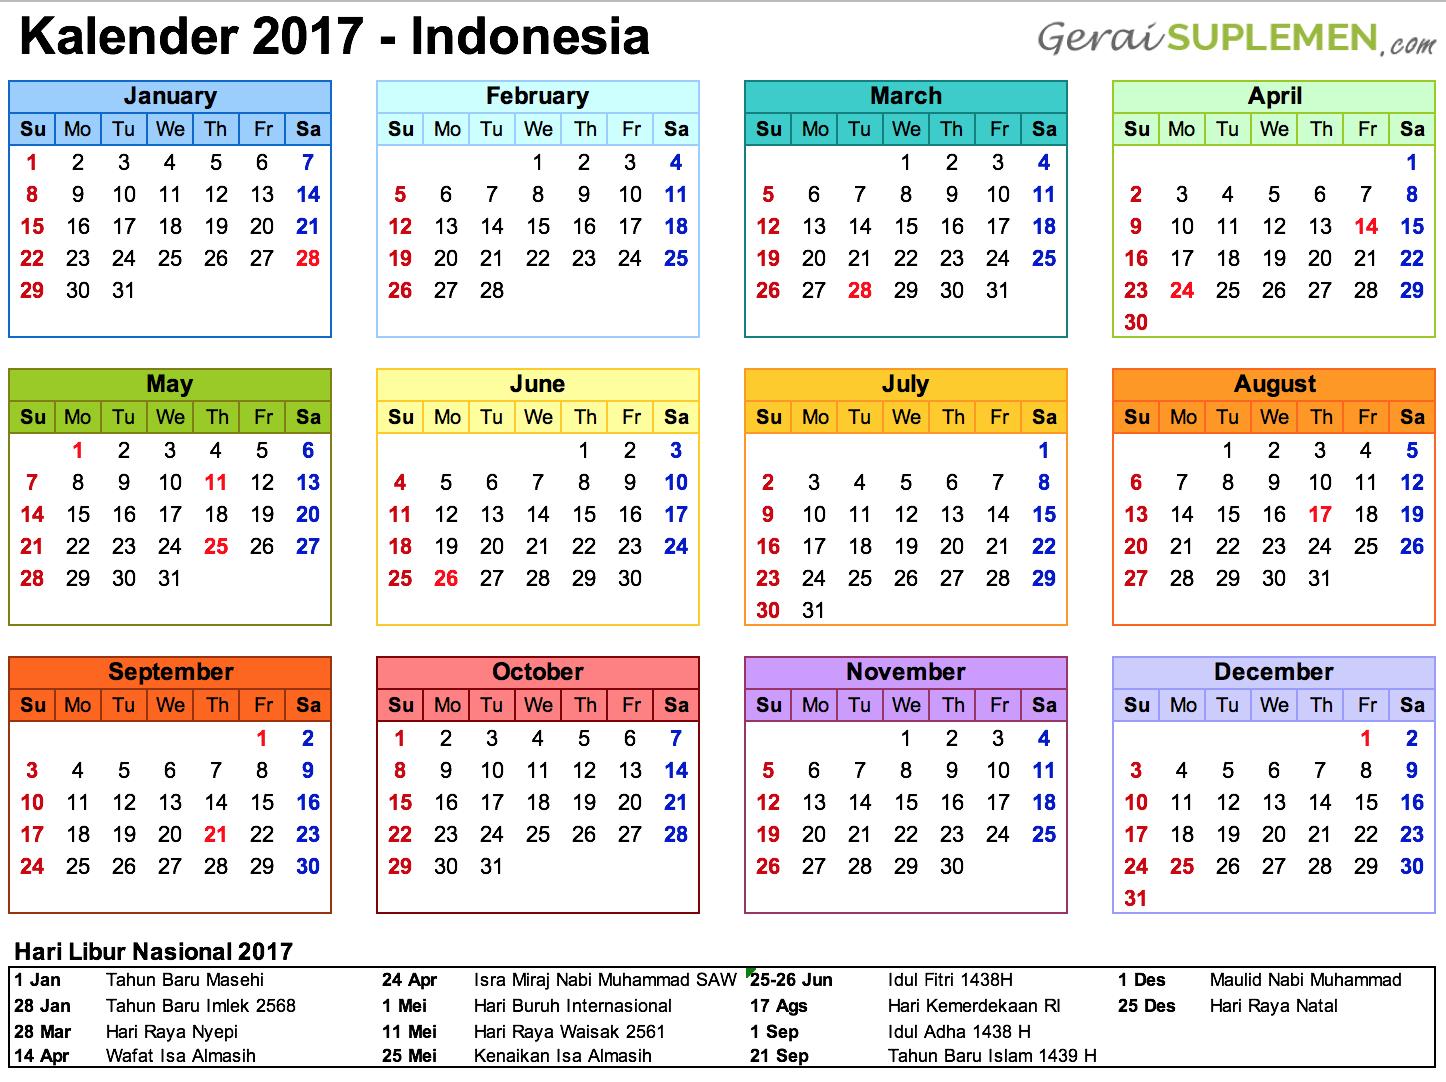 Bagi Anda Yang Ingin Merencanakan Perjalanan Di Tahun 2017 intended for Kalendar Tahun 2020